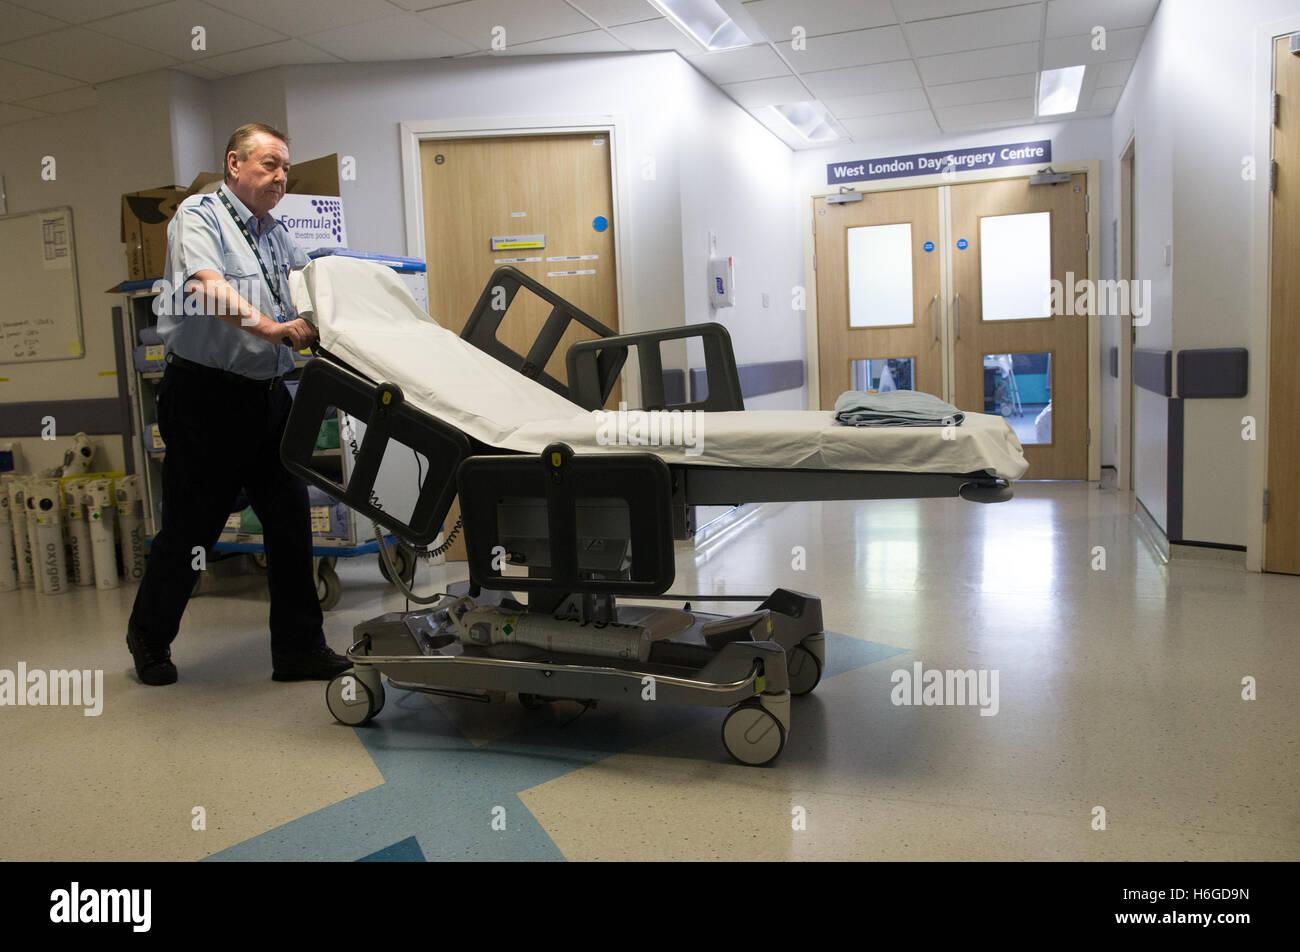 Un ospedale porter le ruote di un carrello di servizio vuoto attraverso un corridoio per la raccolta di un paziente Immagini Stock